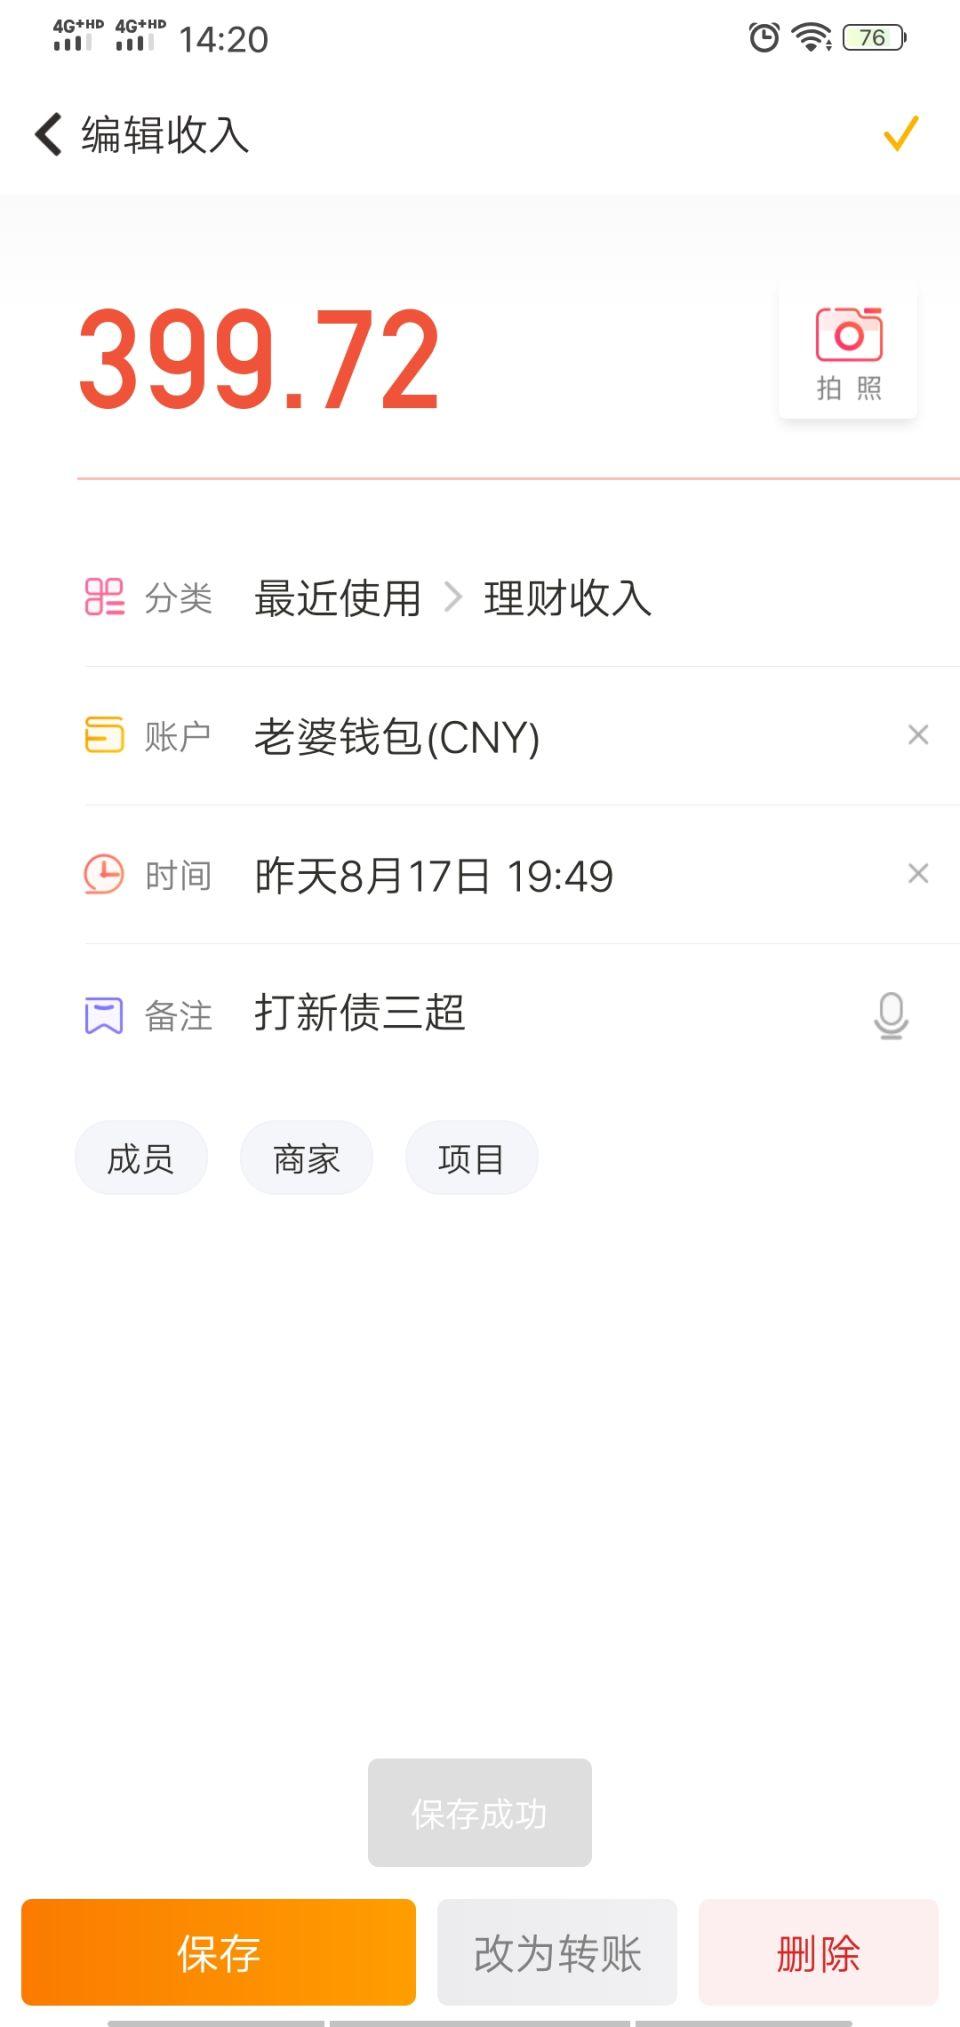 Screenshot_20200818_142053.jpg